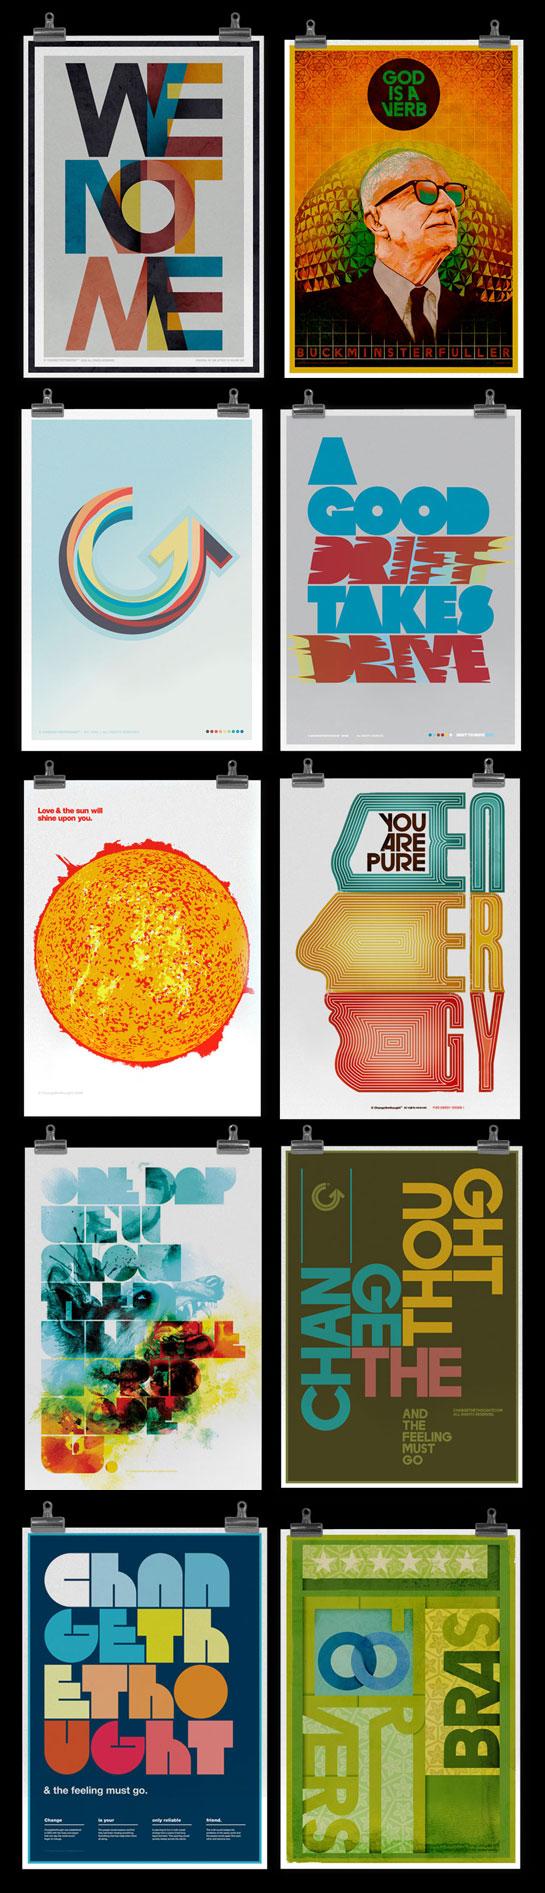 ctt_poster_series.jpg